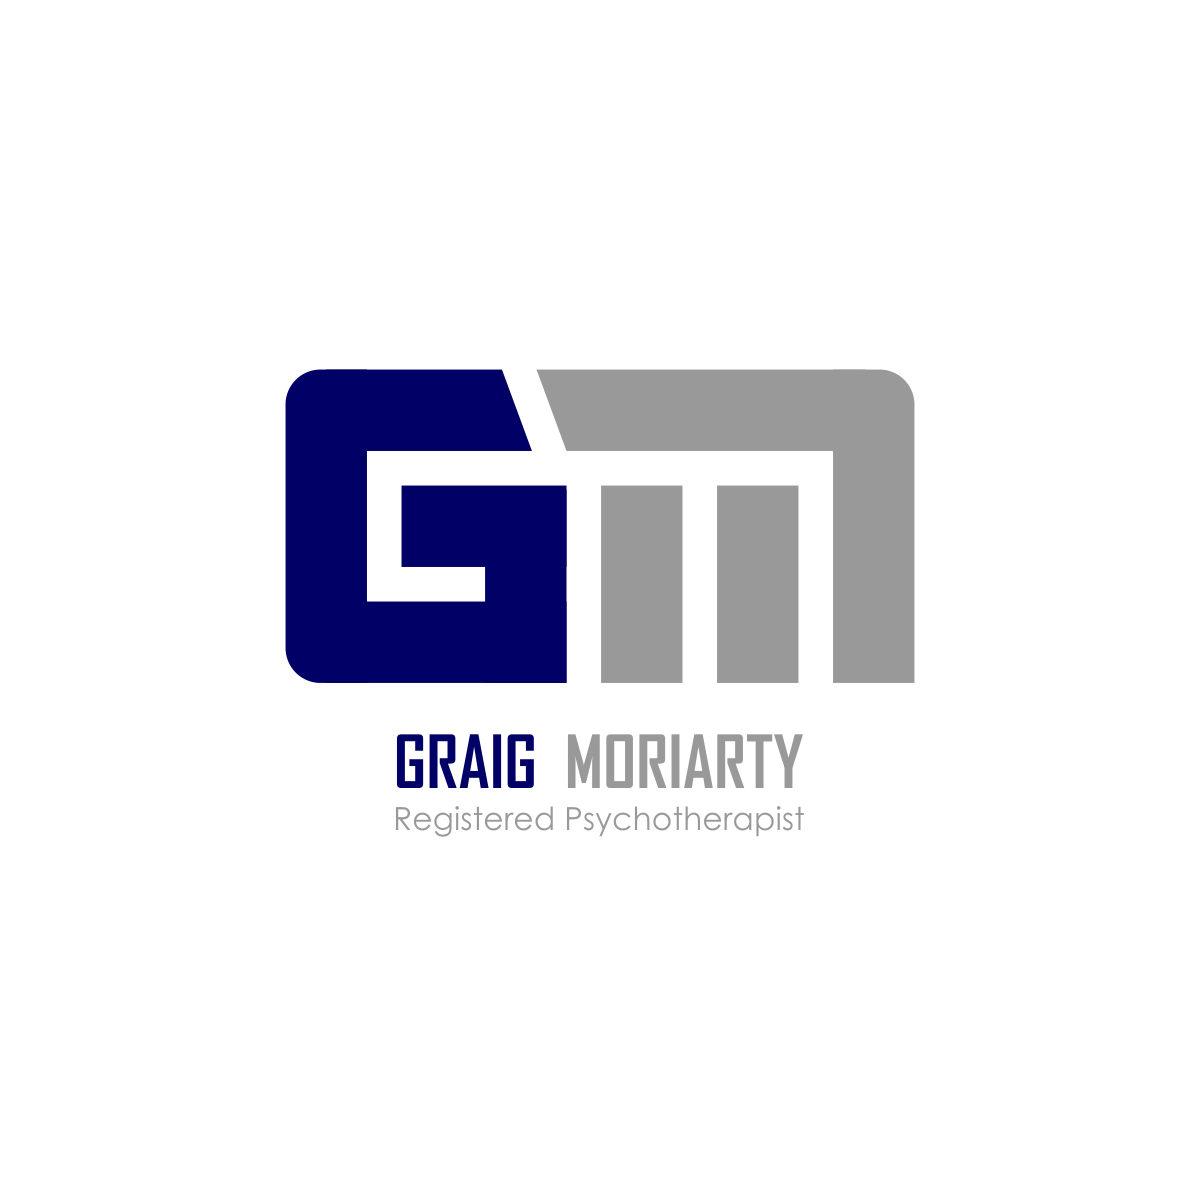 Graig_Moriarty_Logo